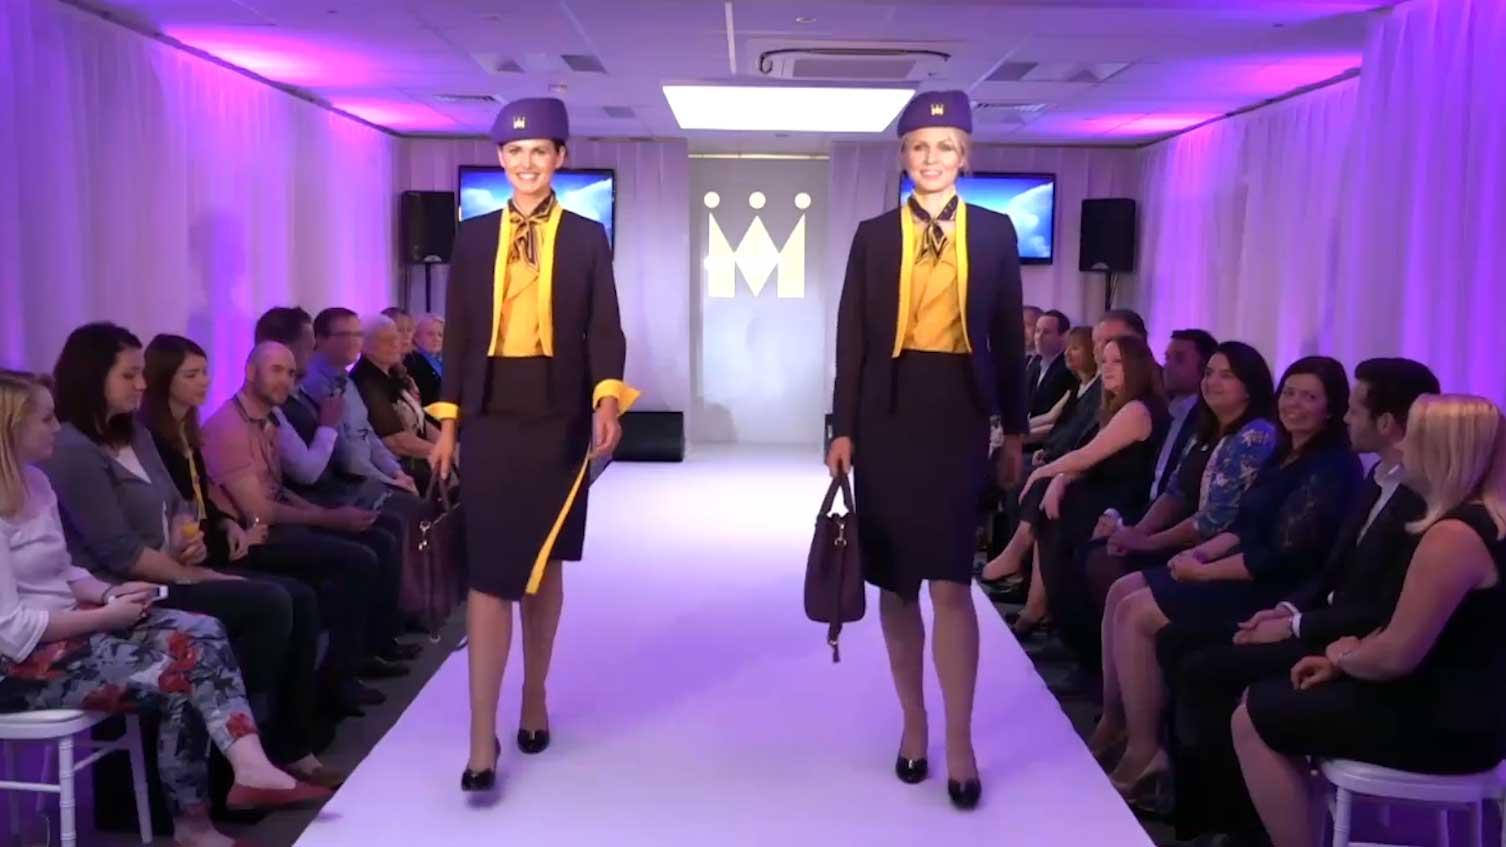 catwalk fashion show webcast event streaming 360 vr live stream